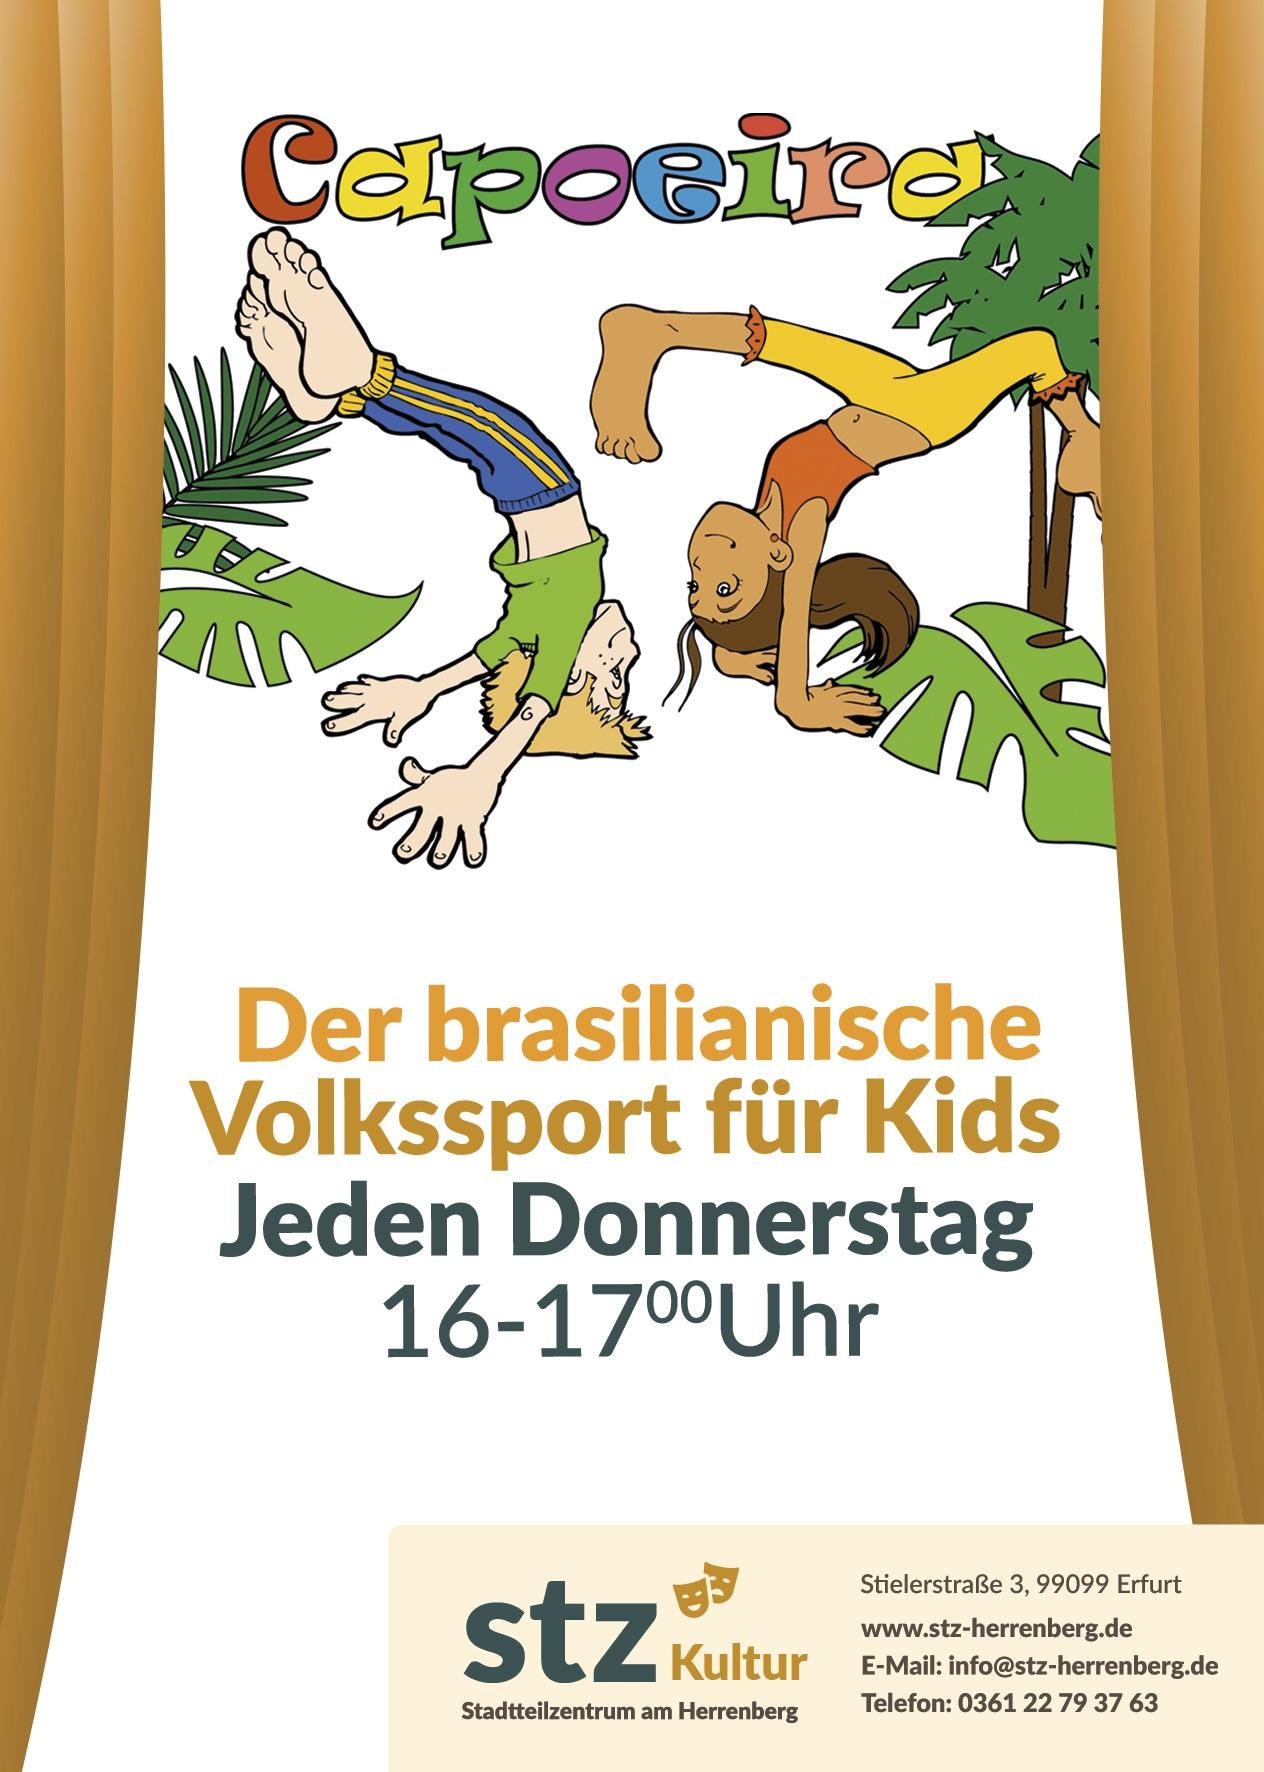 stz_flyer_A6_Capoeira_neu